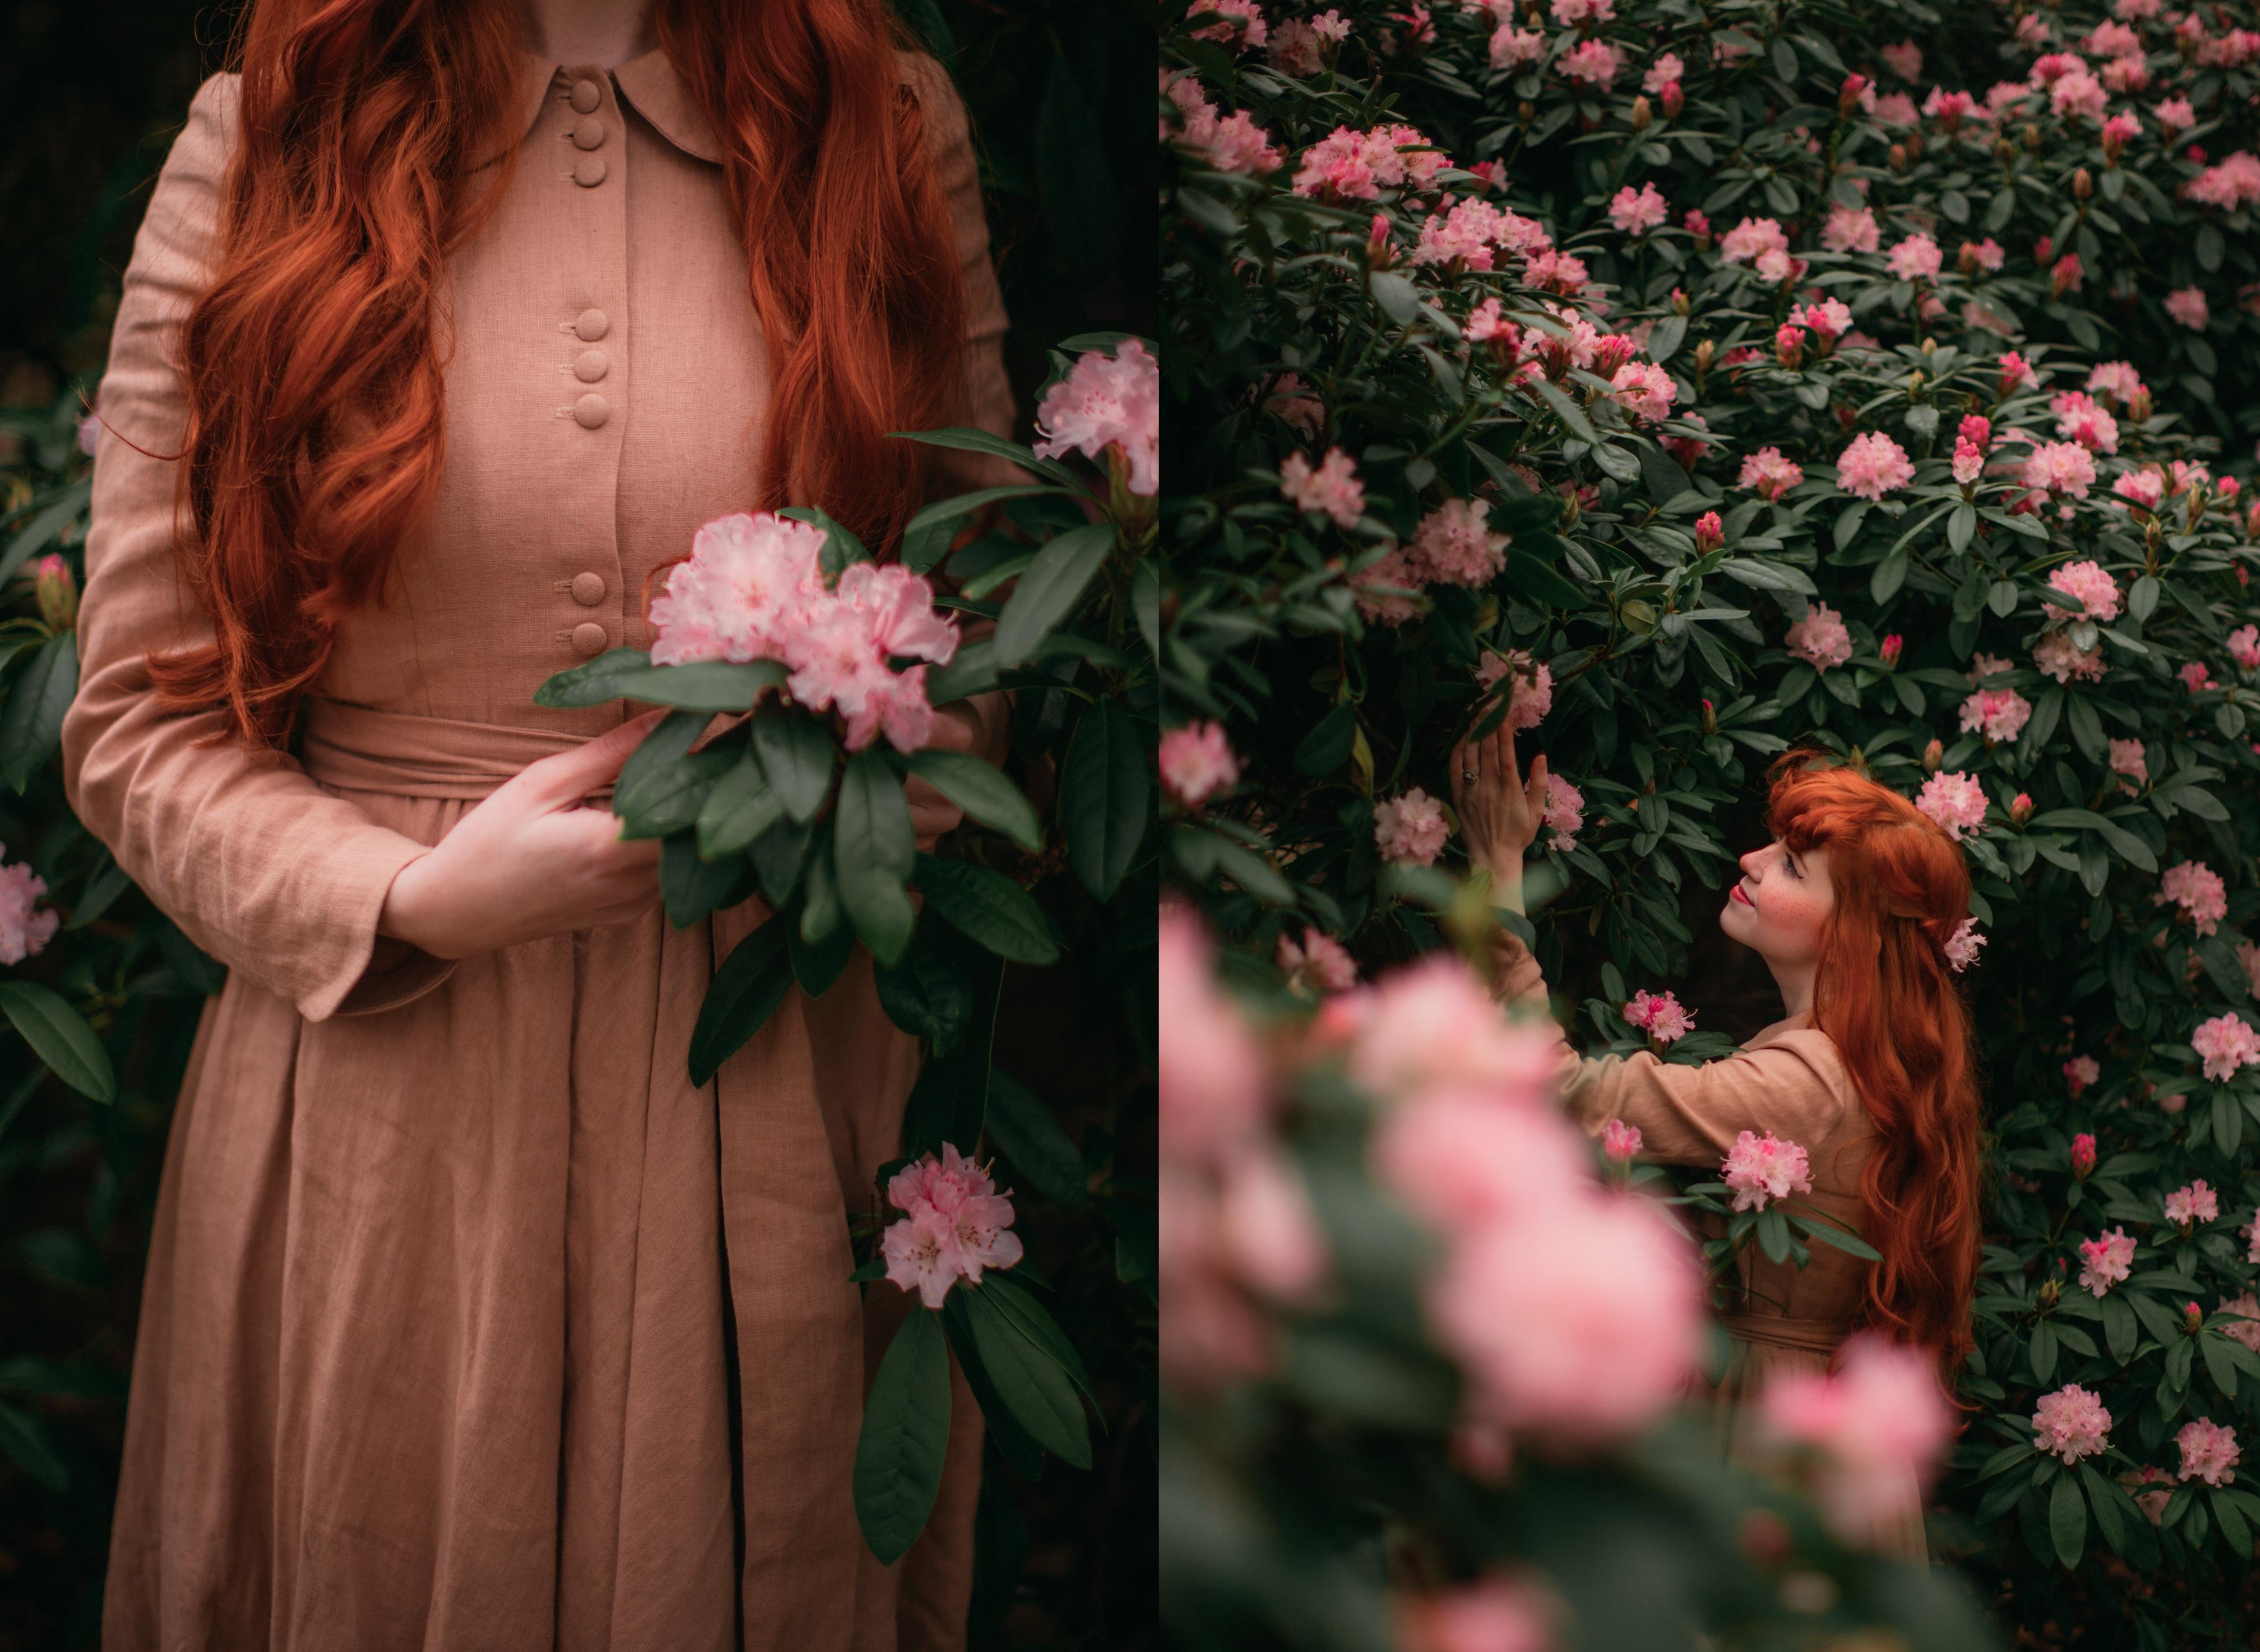 pinkdress-14-side